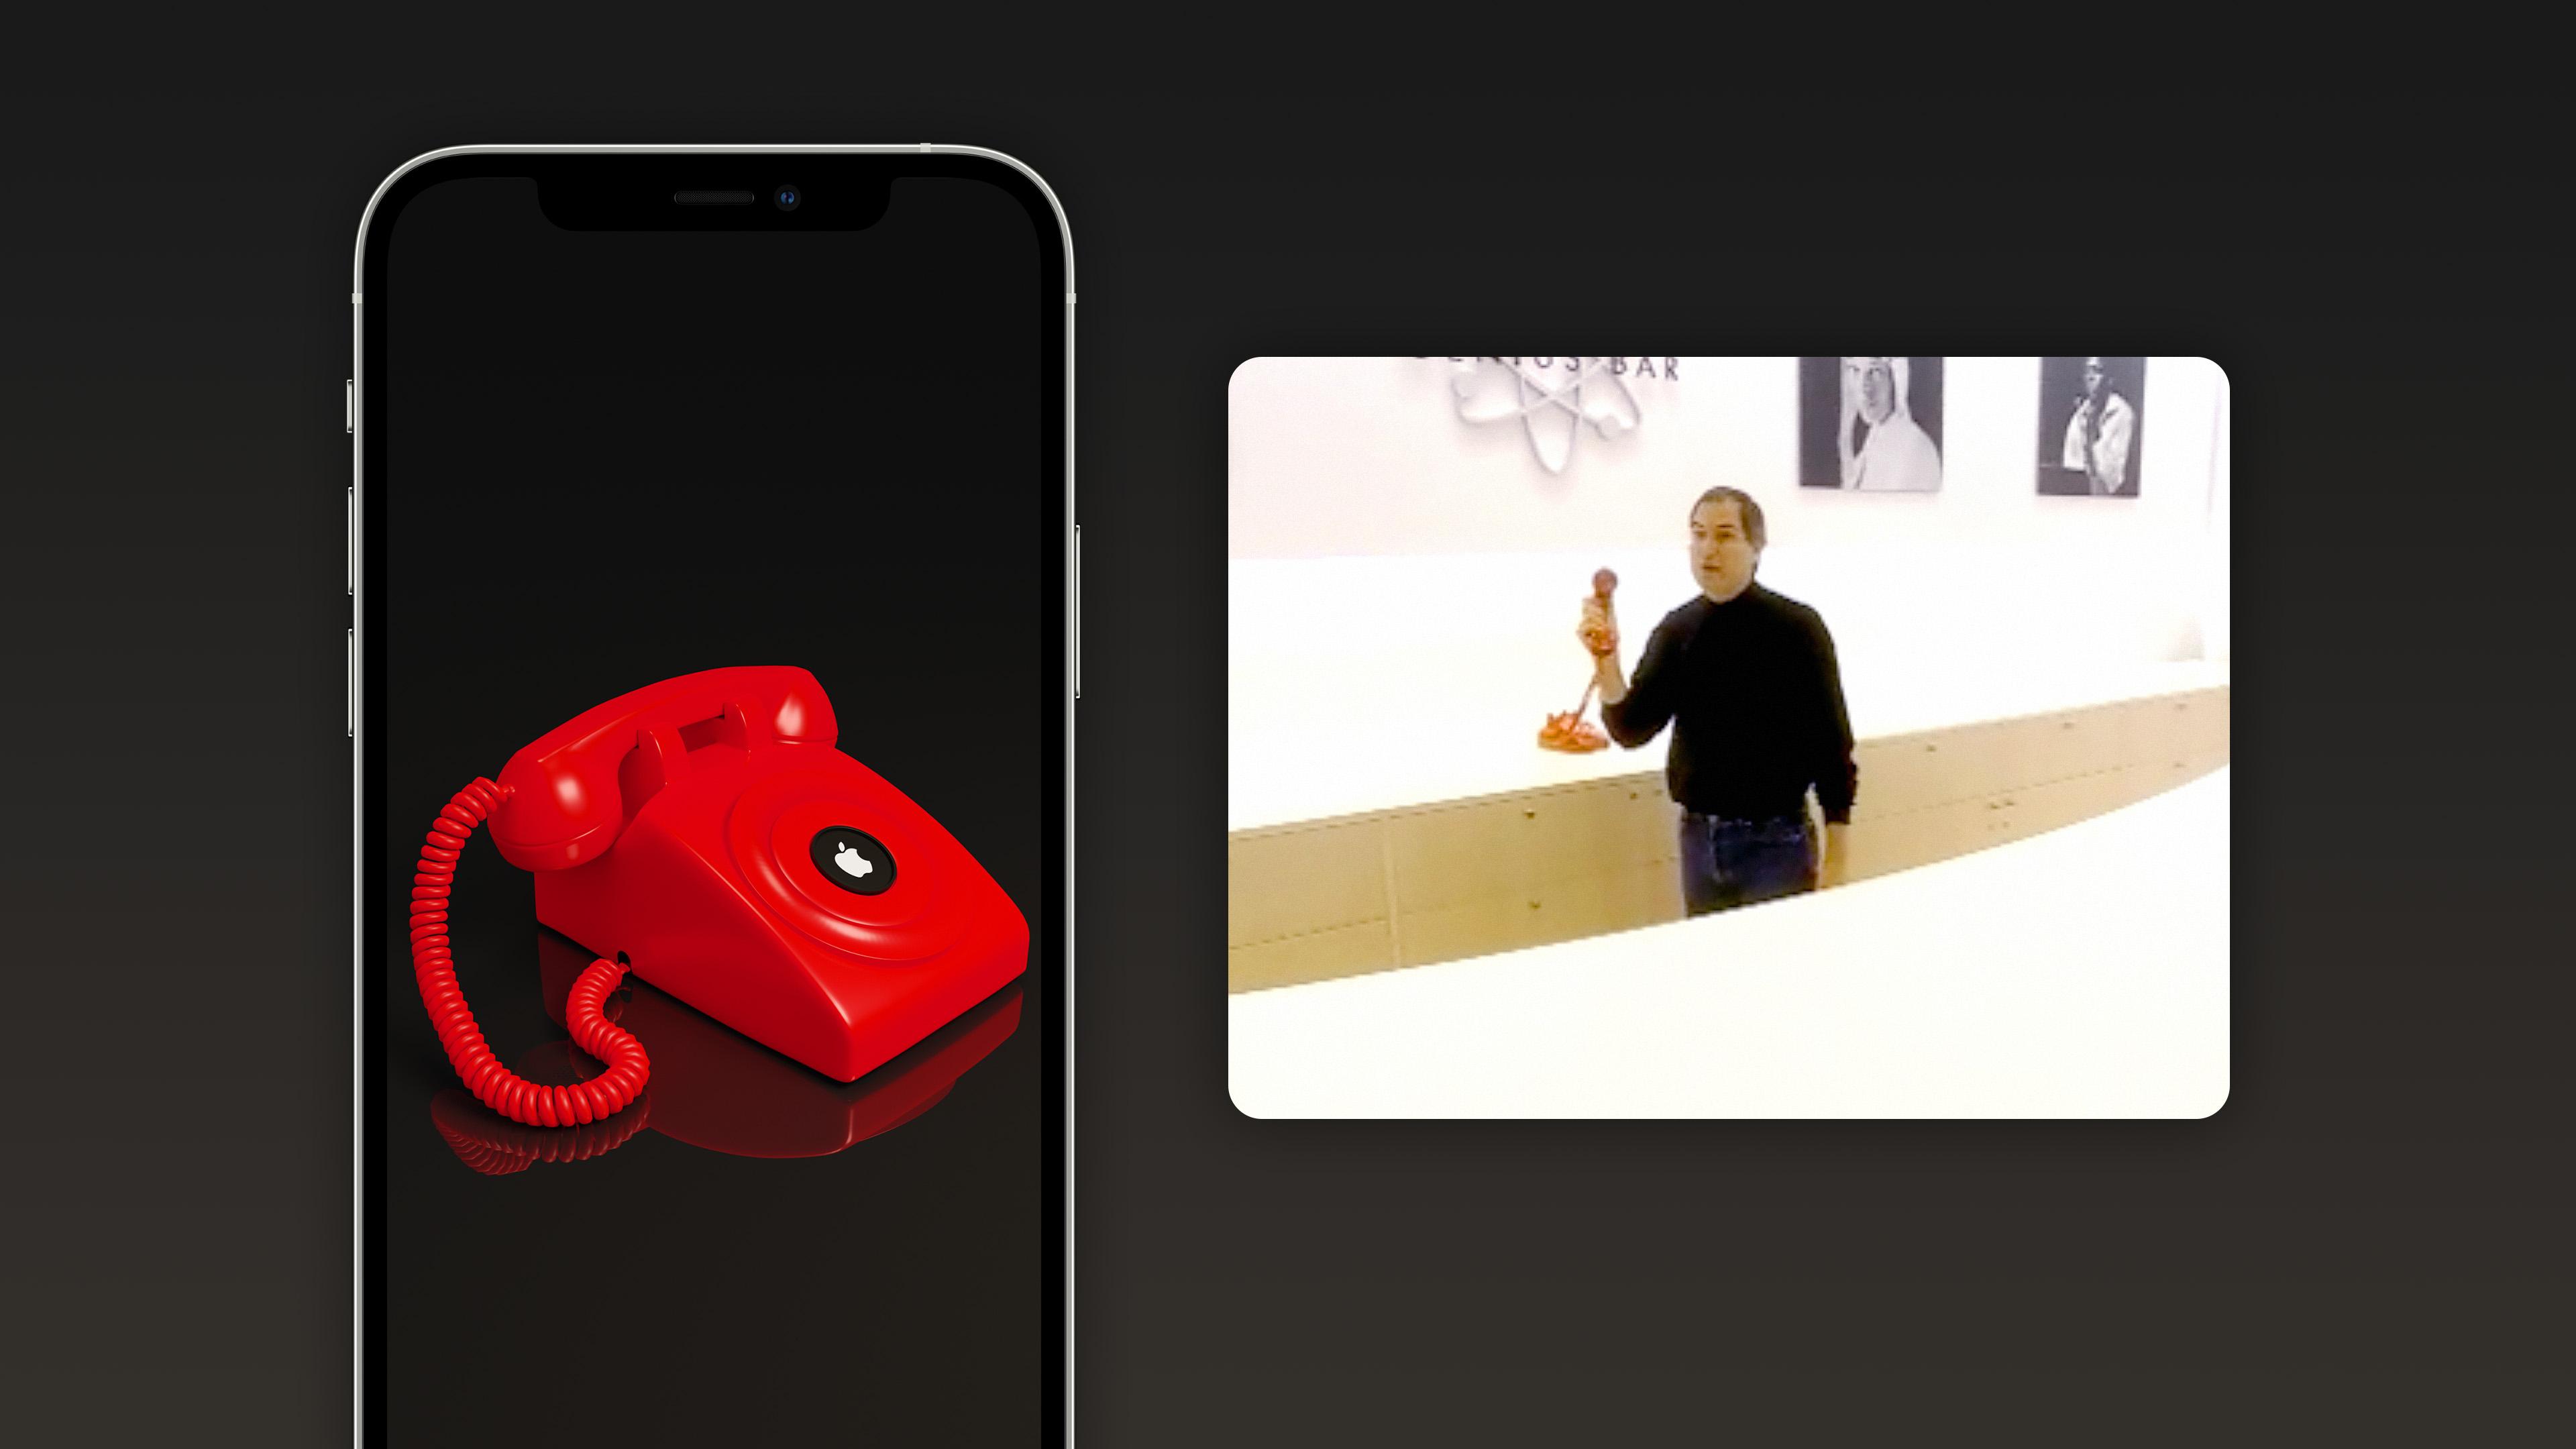 """Steve Jobs a montré un téléphone à cadran rouge offrant un """"hotline"""" à Cupertino dans le premier Apple Store au monde."""